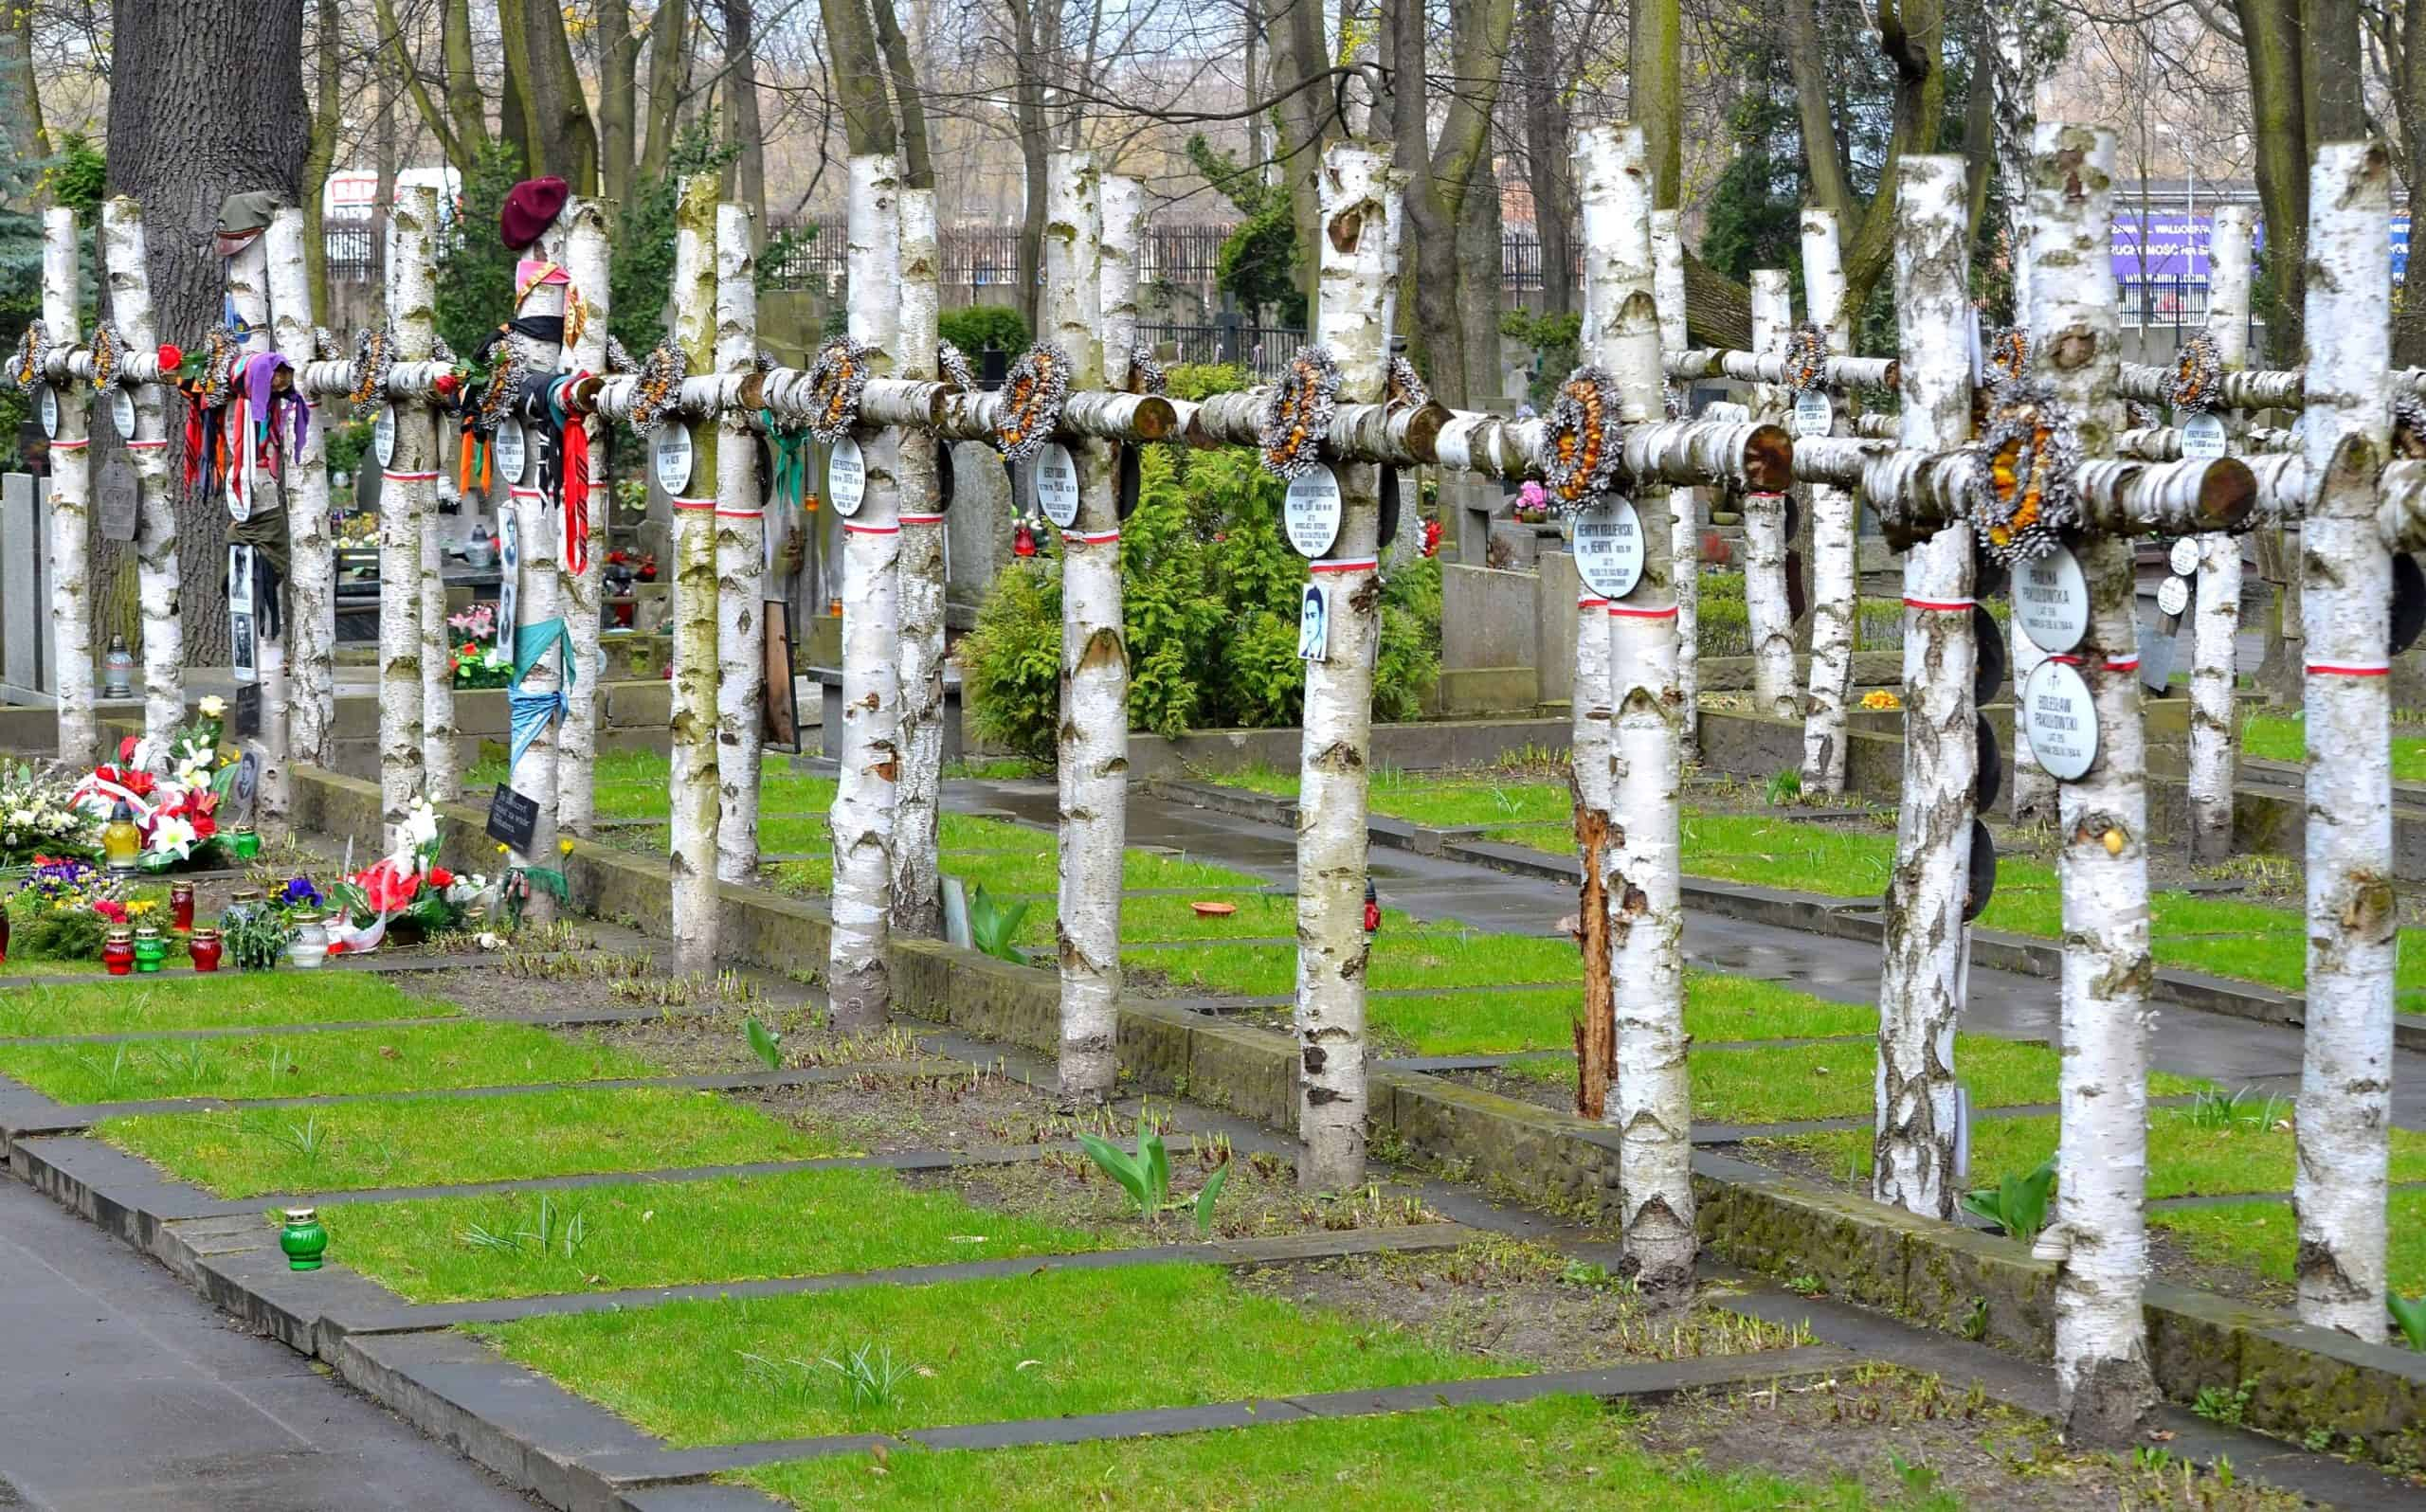 Kwatera Batalionu Zośka Cmentarz Wojskowy naPowązkach